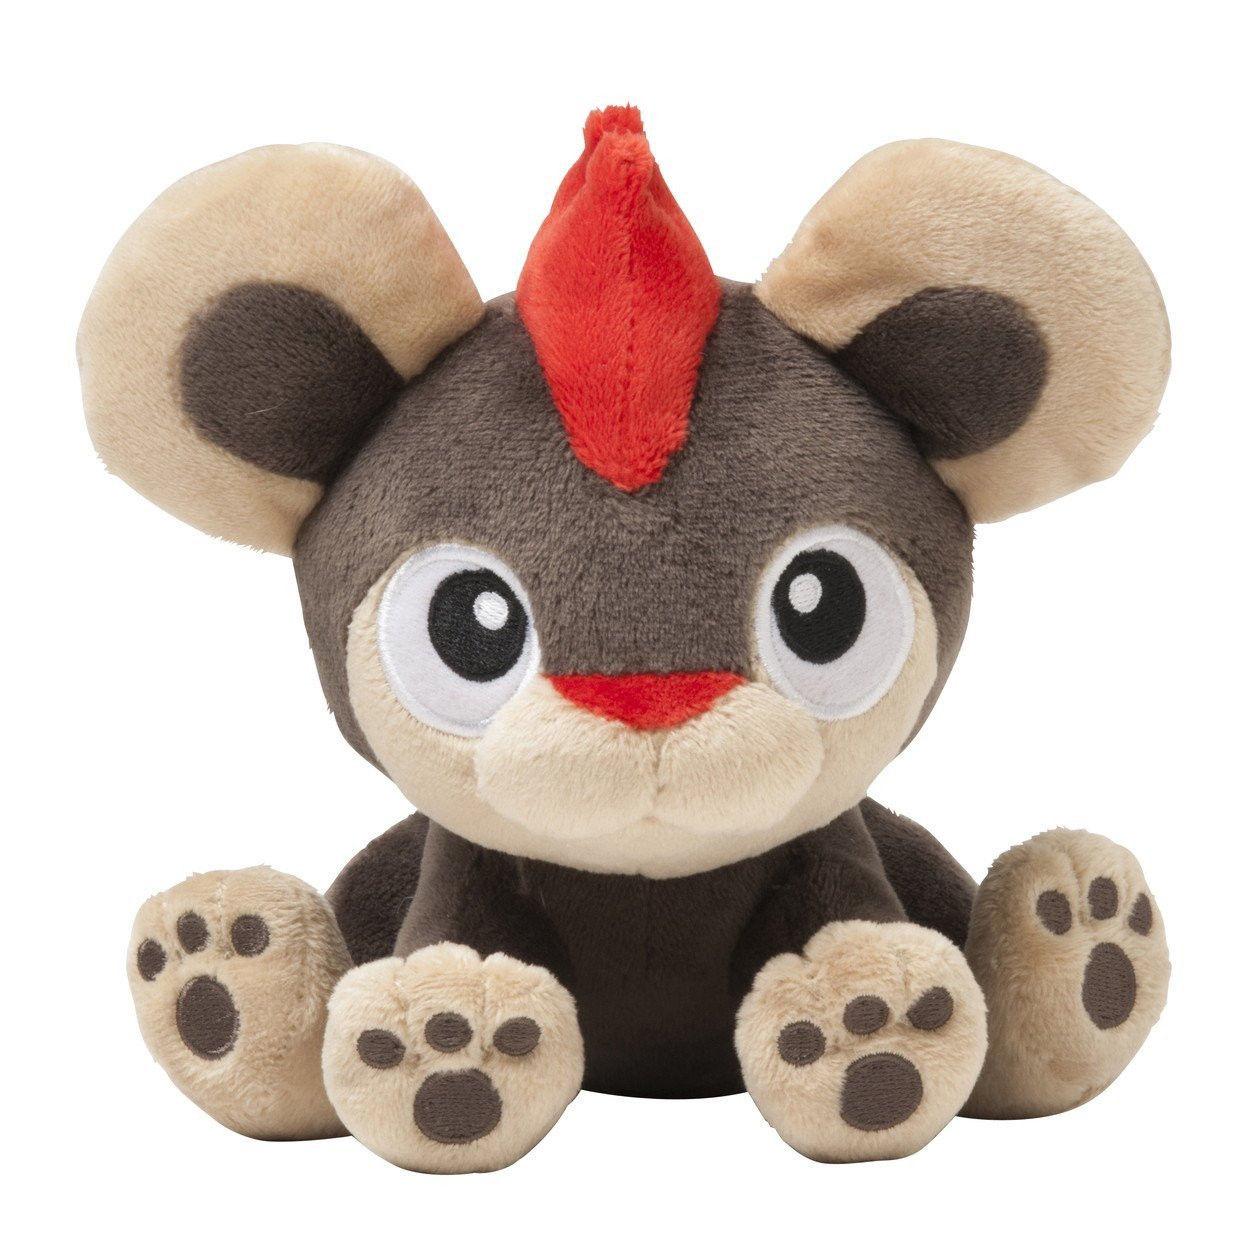 Litleo | Pokémon Wiki | Fandom powered by Wikia